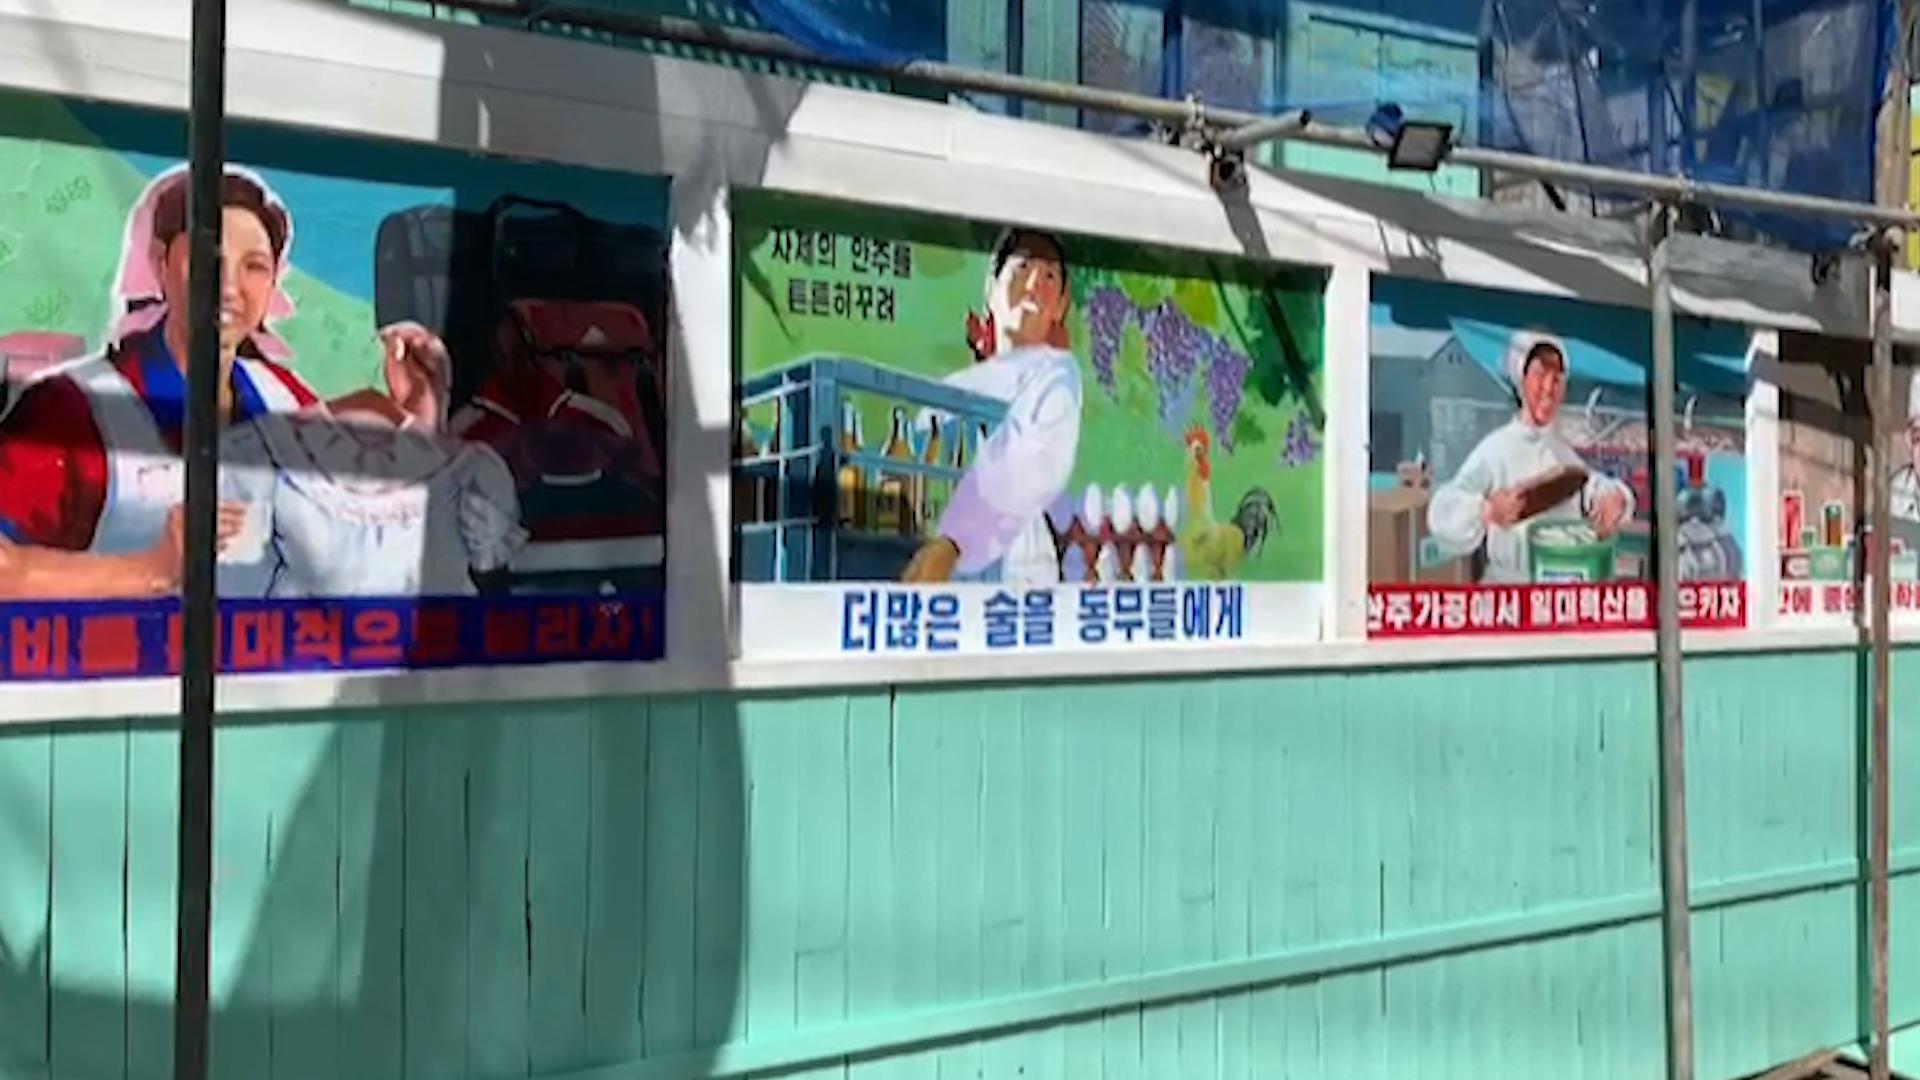 홍대 '북한풍 주점' 등장 논란...인공기, 김일성 부자 초상화 철거